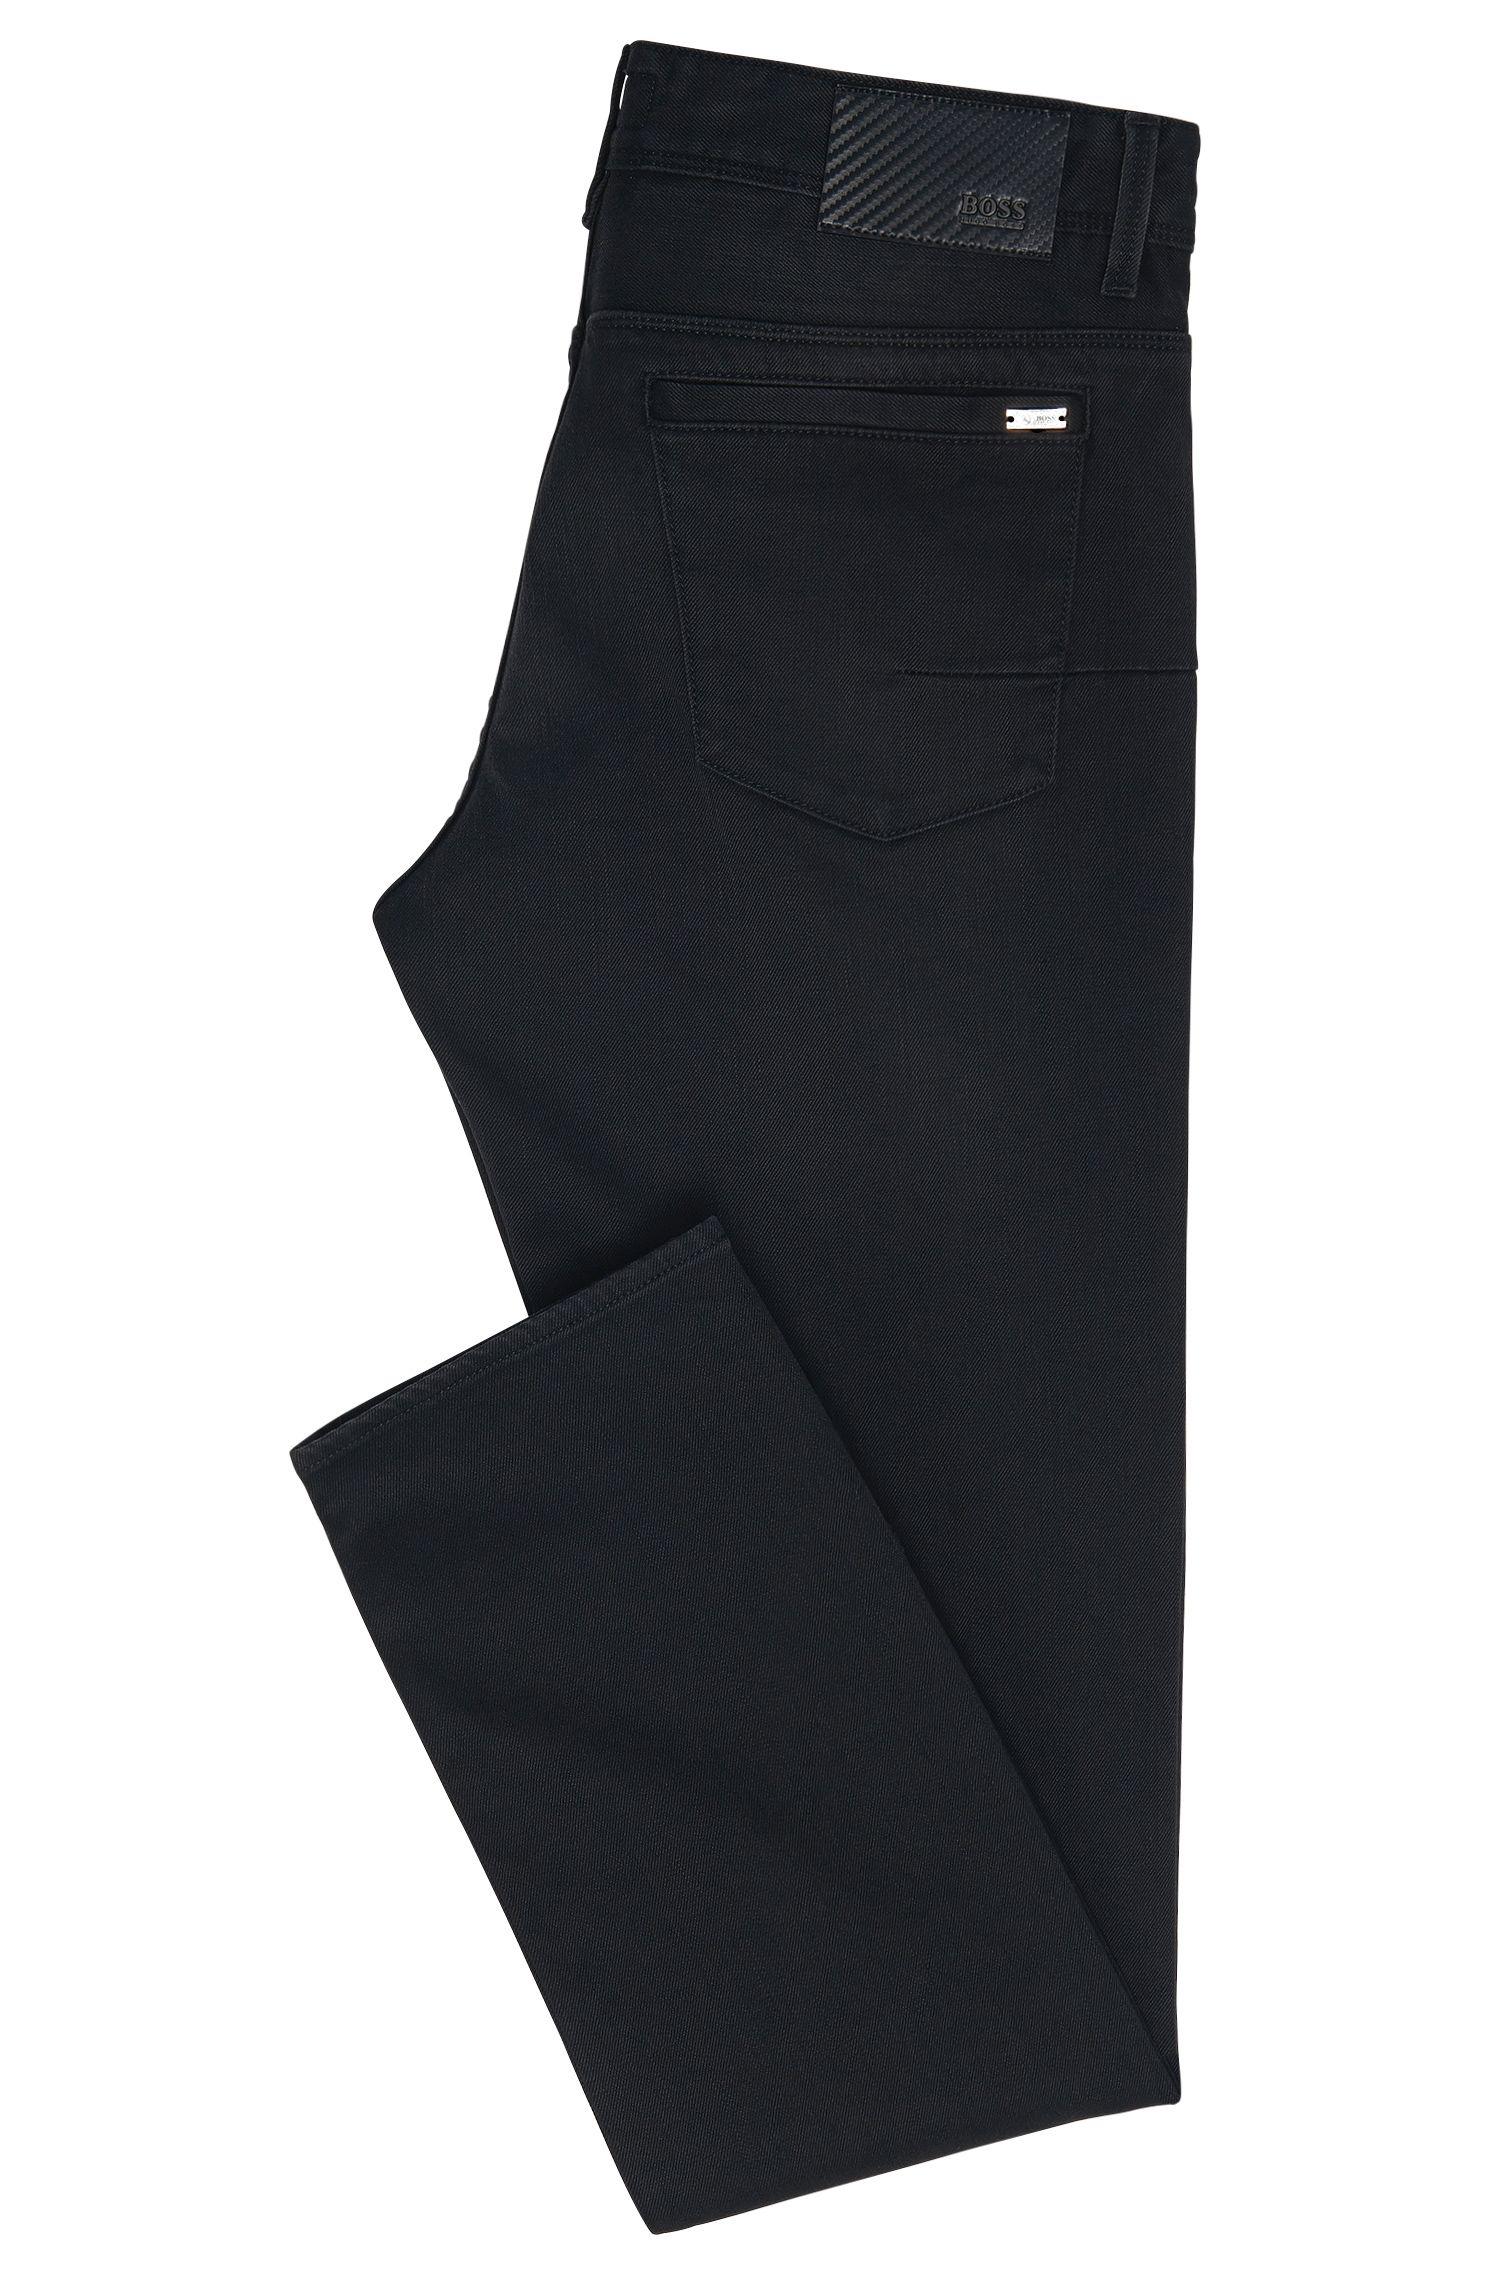 Slim-Fit Jeans aus Stretch-Baumwolle: 'Delaware5-1-MB' aus der Mercedes-Benz-Kollektion